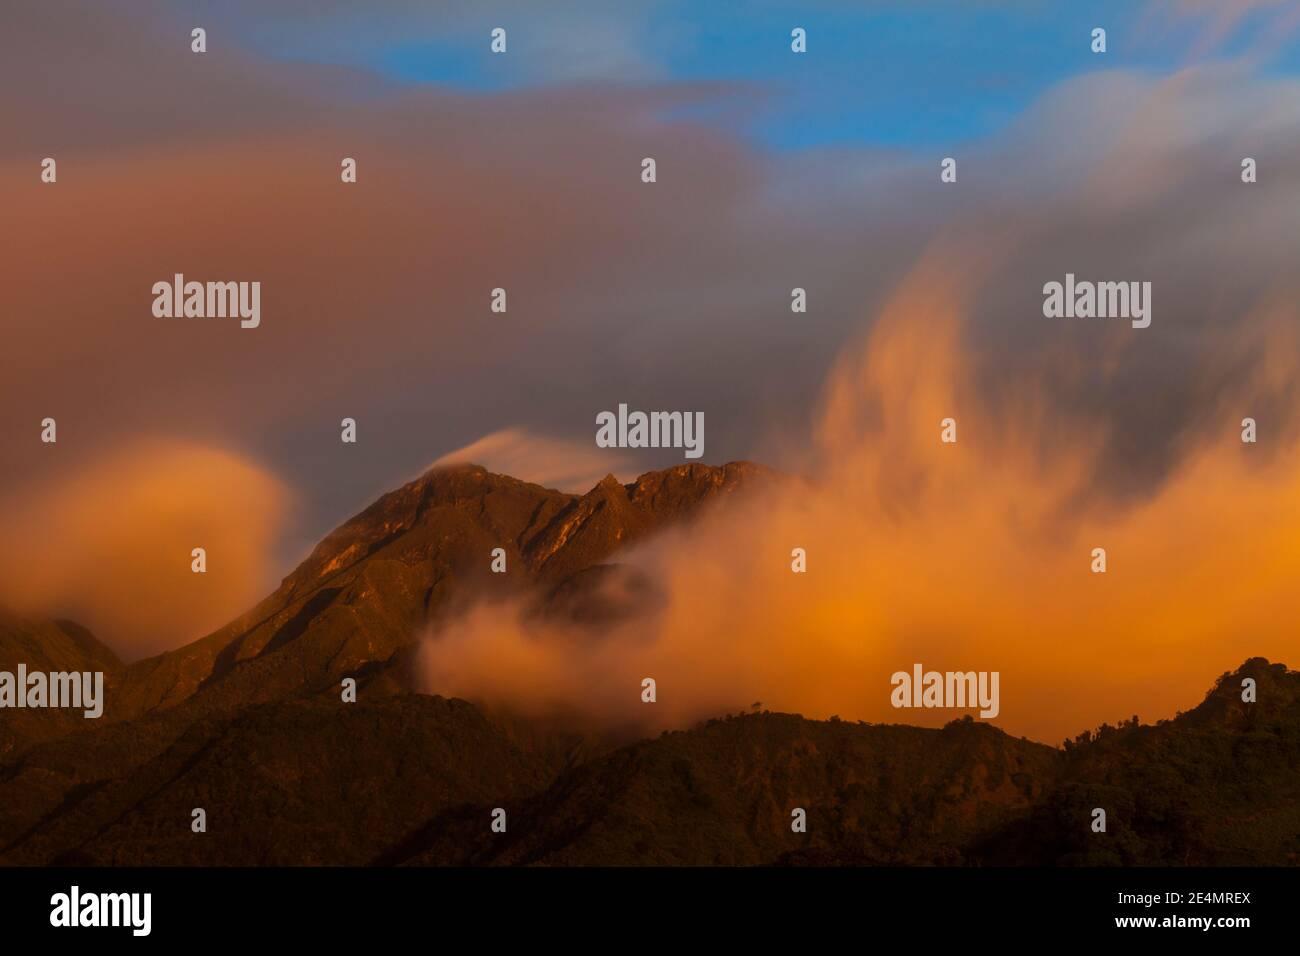 Dernière lumière du soir sur le volcan Baru, 3475 m, province de Chiriqui, République du Panama. Banque D'Images